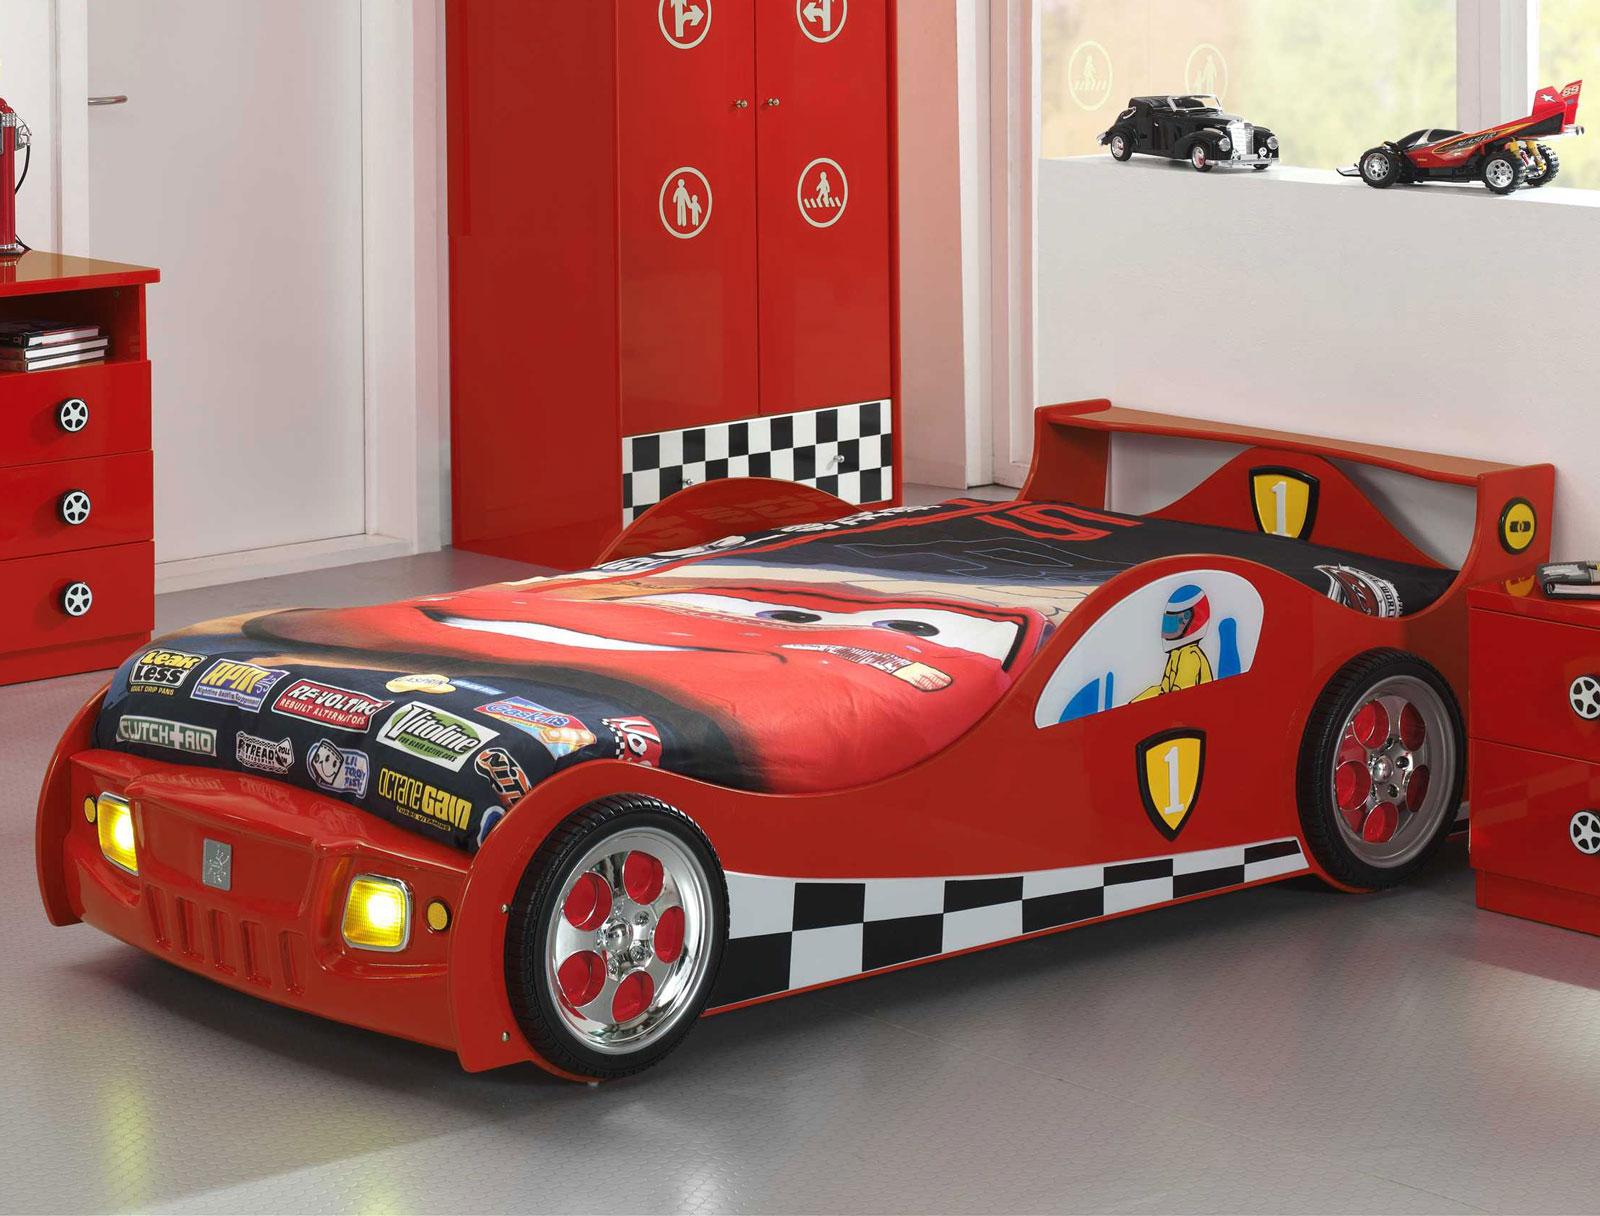 rotes autobett für kinder mit led beleuchtung kaufen - speedfighter, Hause deko